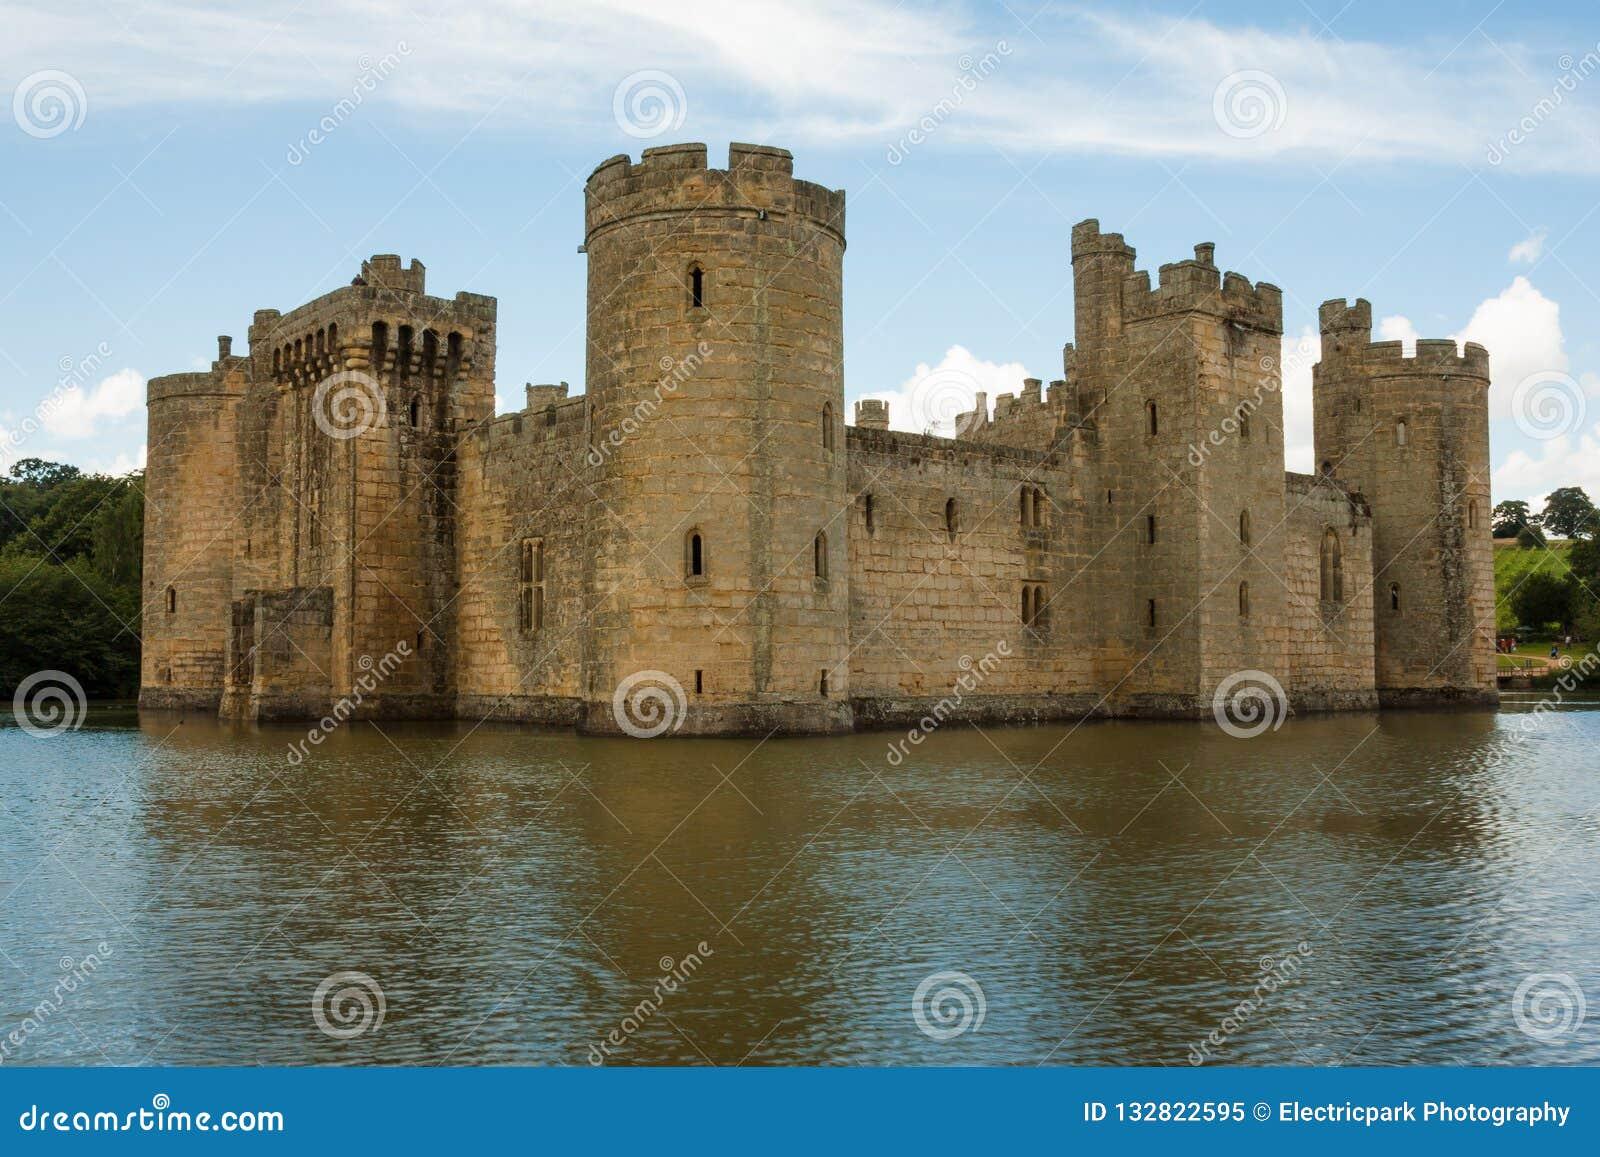 Castillo de Bodiam, Bodiam, Kent, Reino Unido